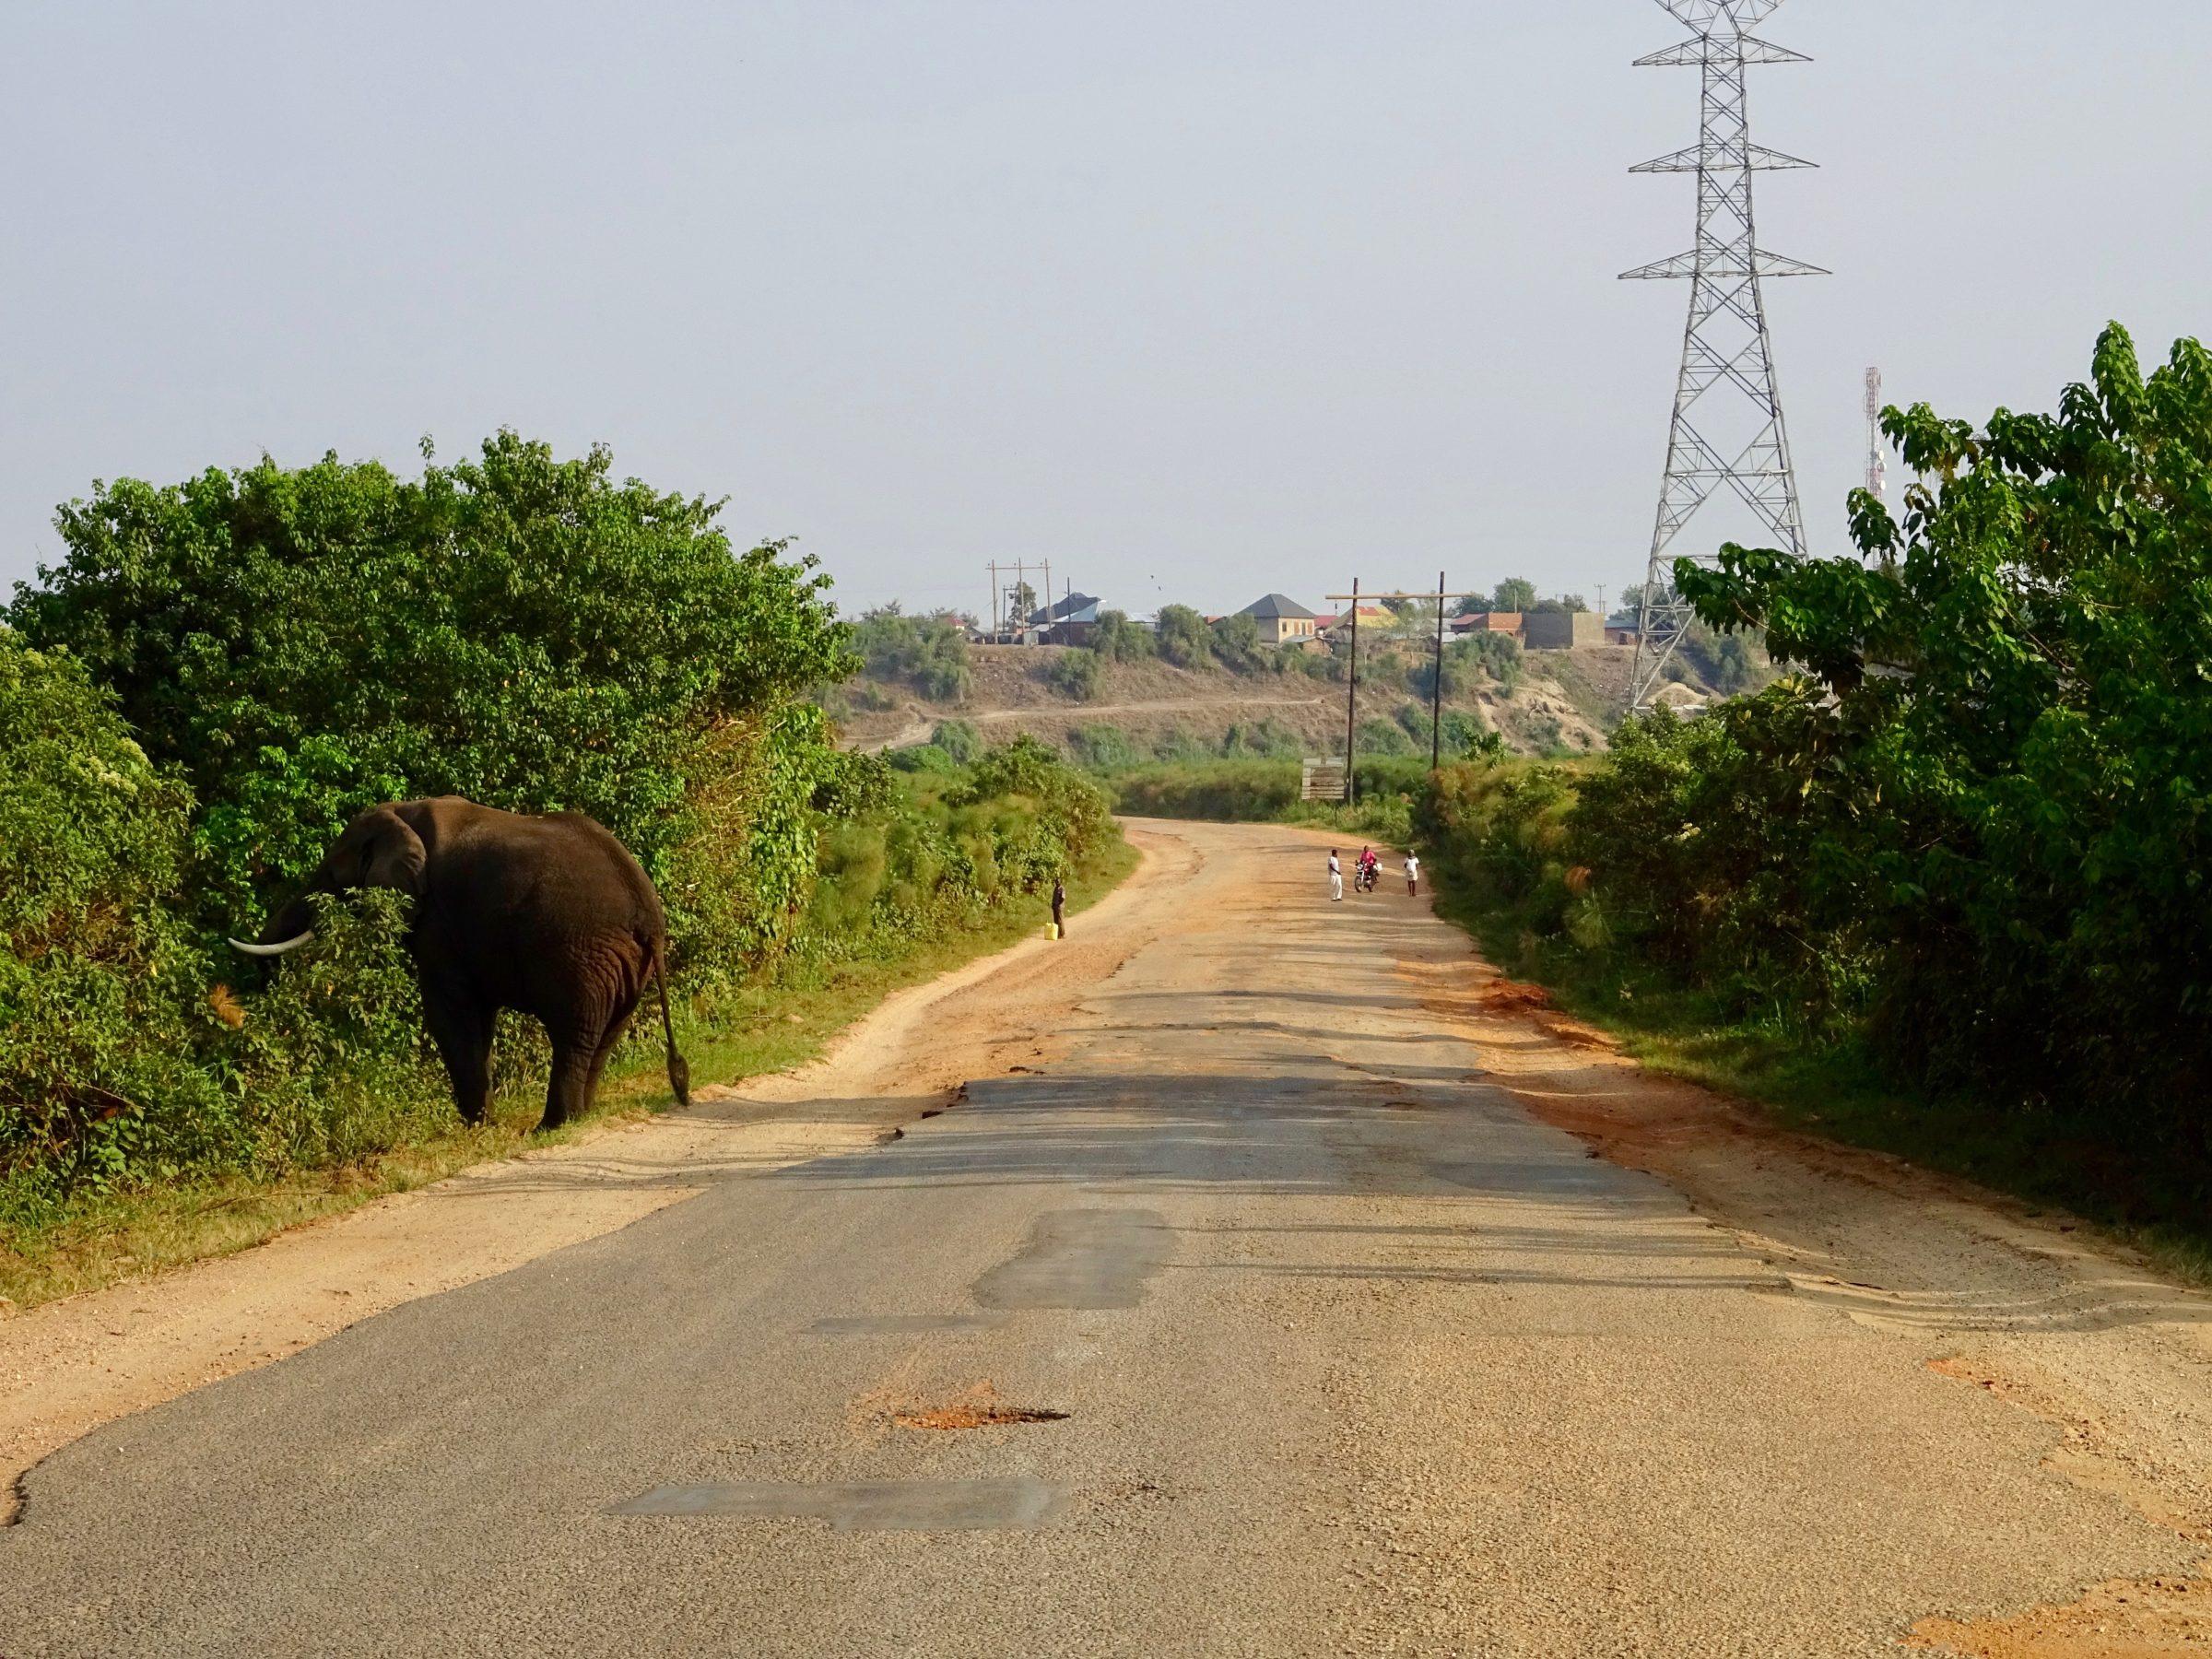 Een olifant aan het ontbijt op de hoofdweg richting Kasese